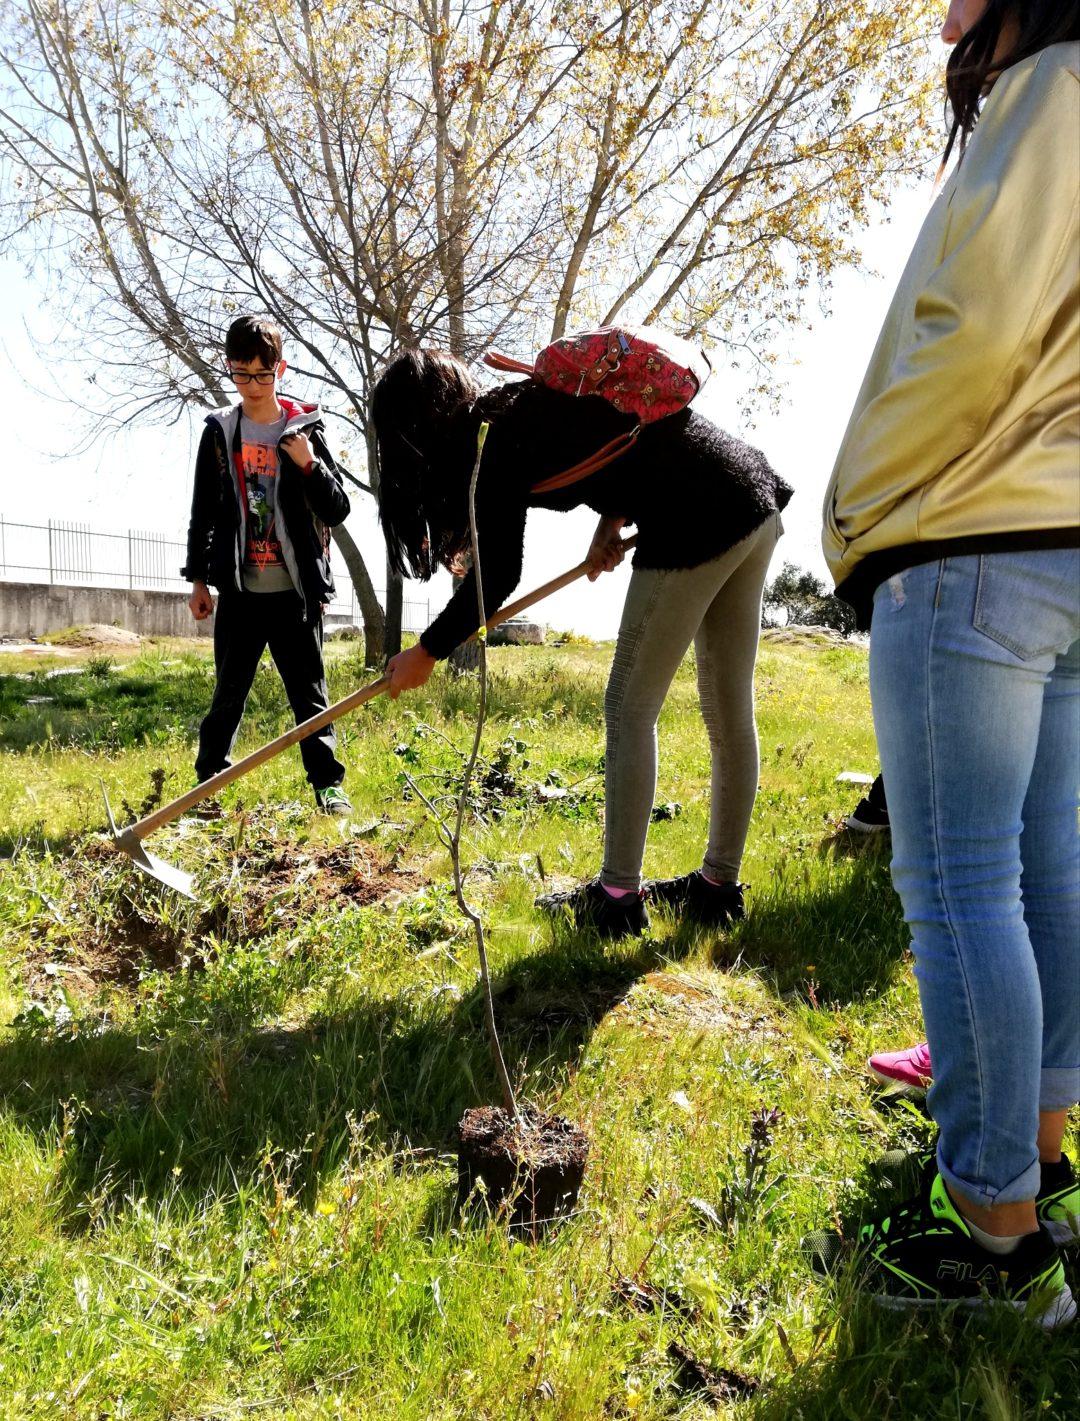 Plantar uma árvore, Proteger o futuro